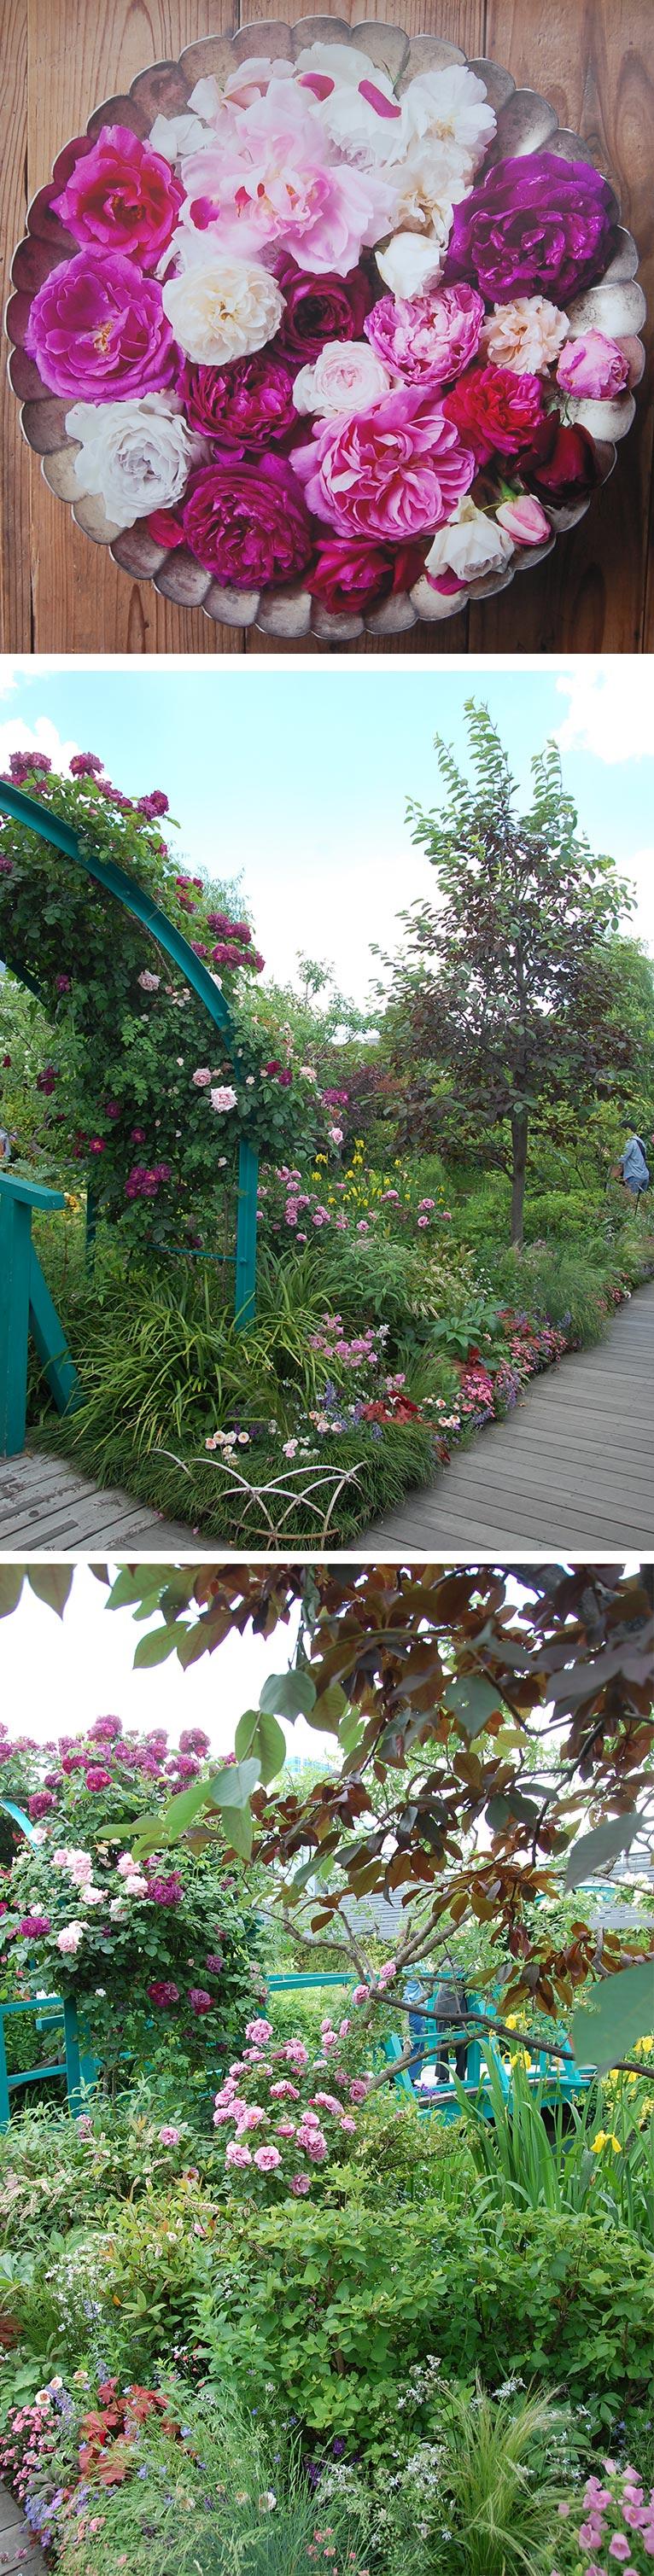 2019年5月14~20日 Life with Roses Exhibition 2019『バラぐらし』素敵なバラに包まれて西武池袋本店